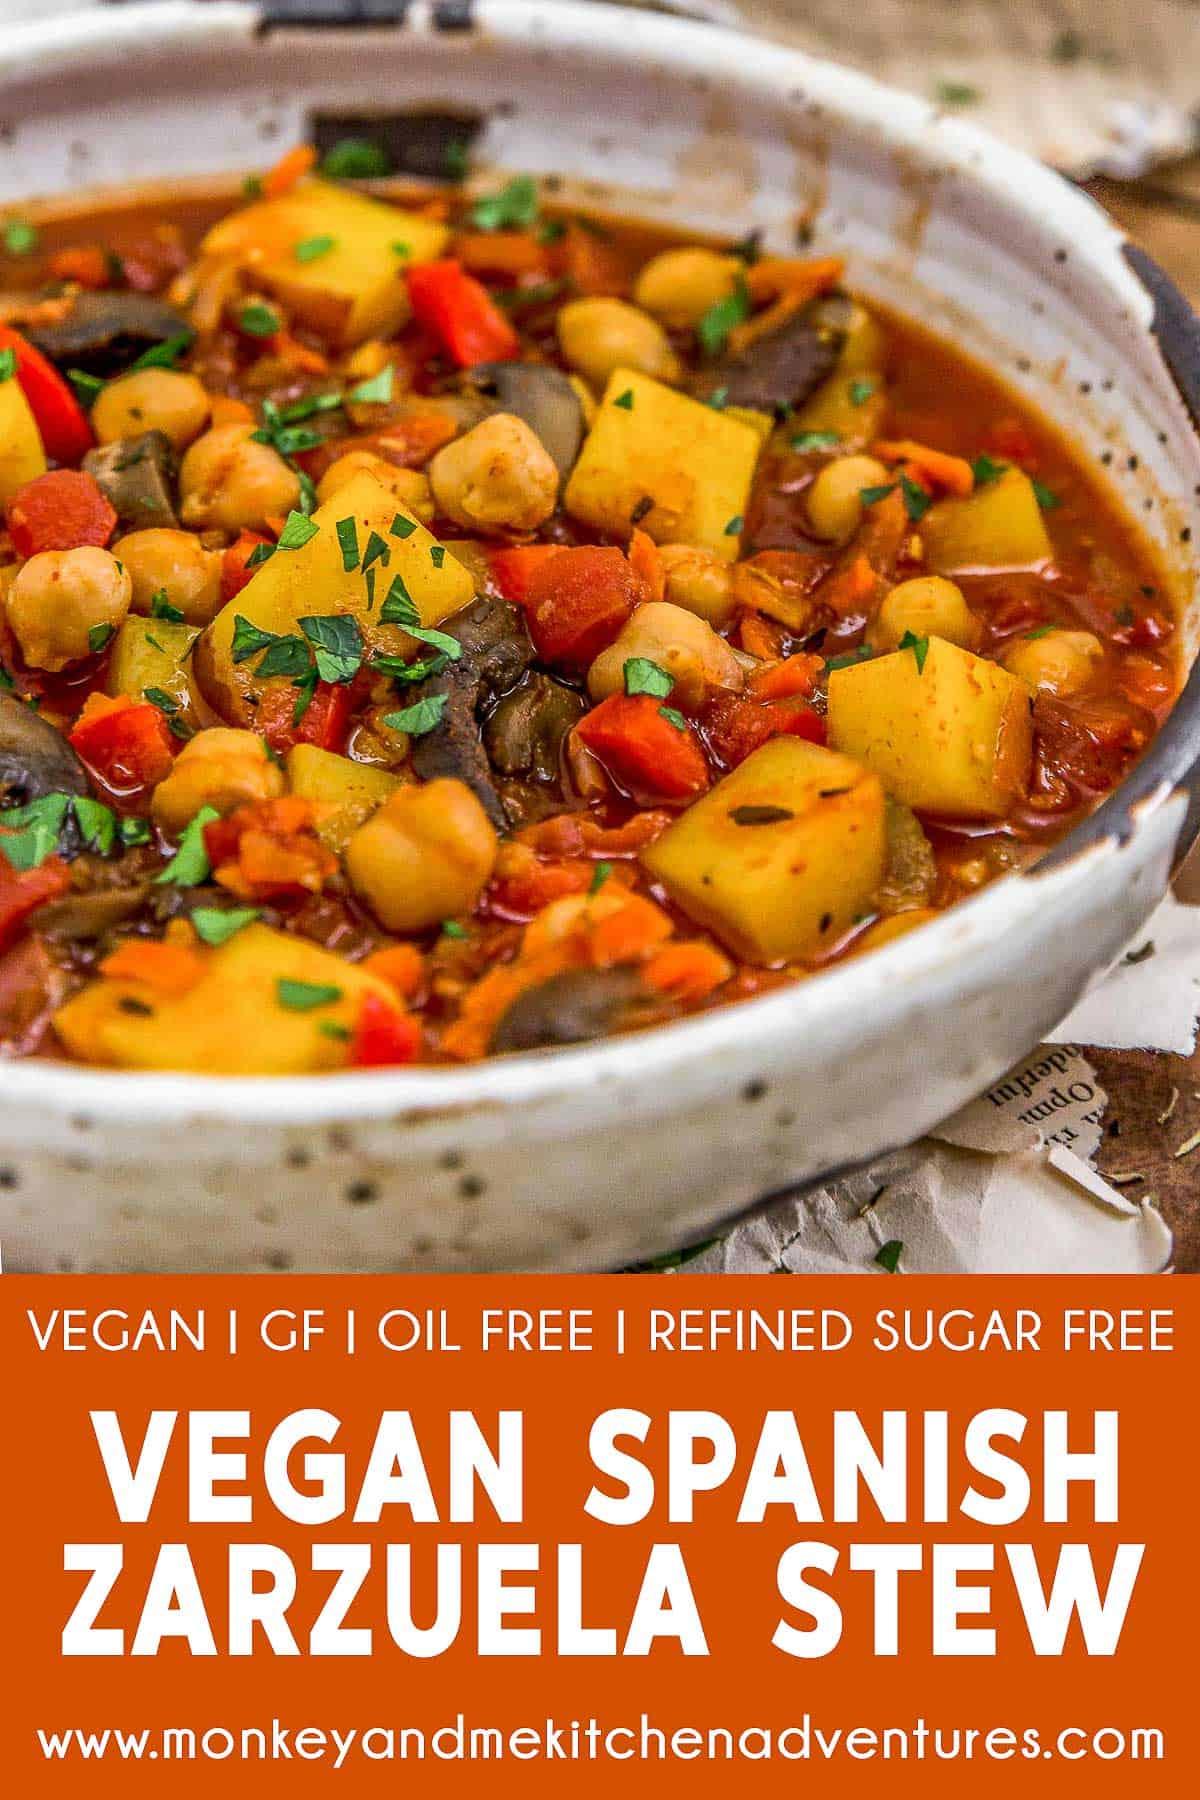 Vegan Spanish Zarzuela Stew with text description